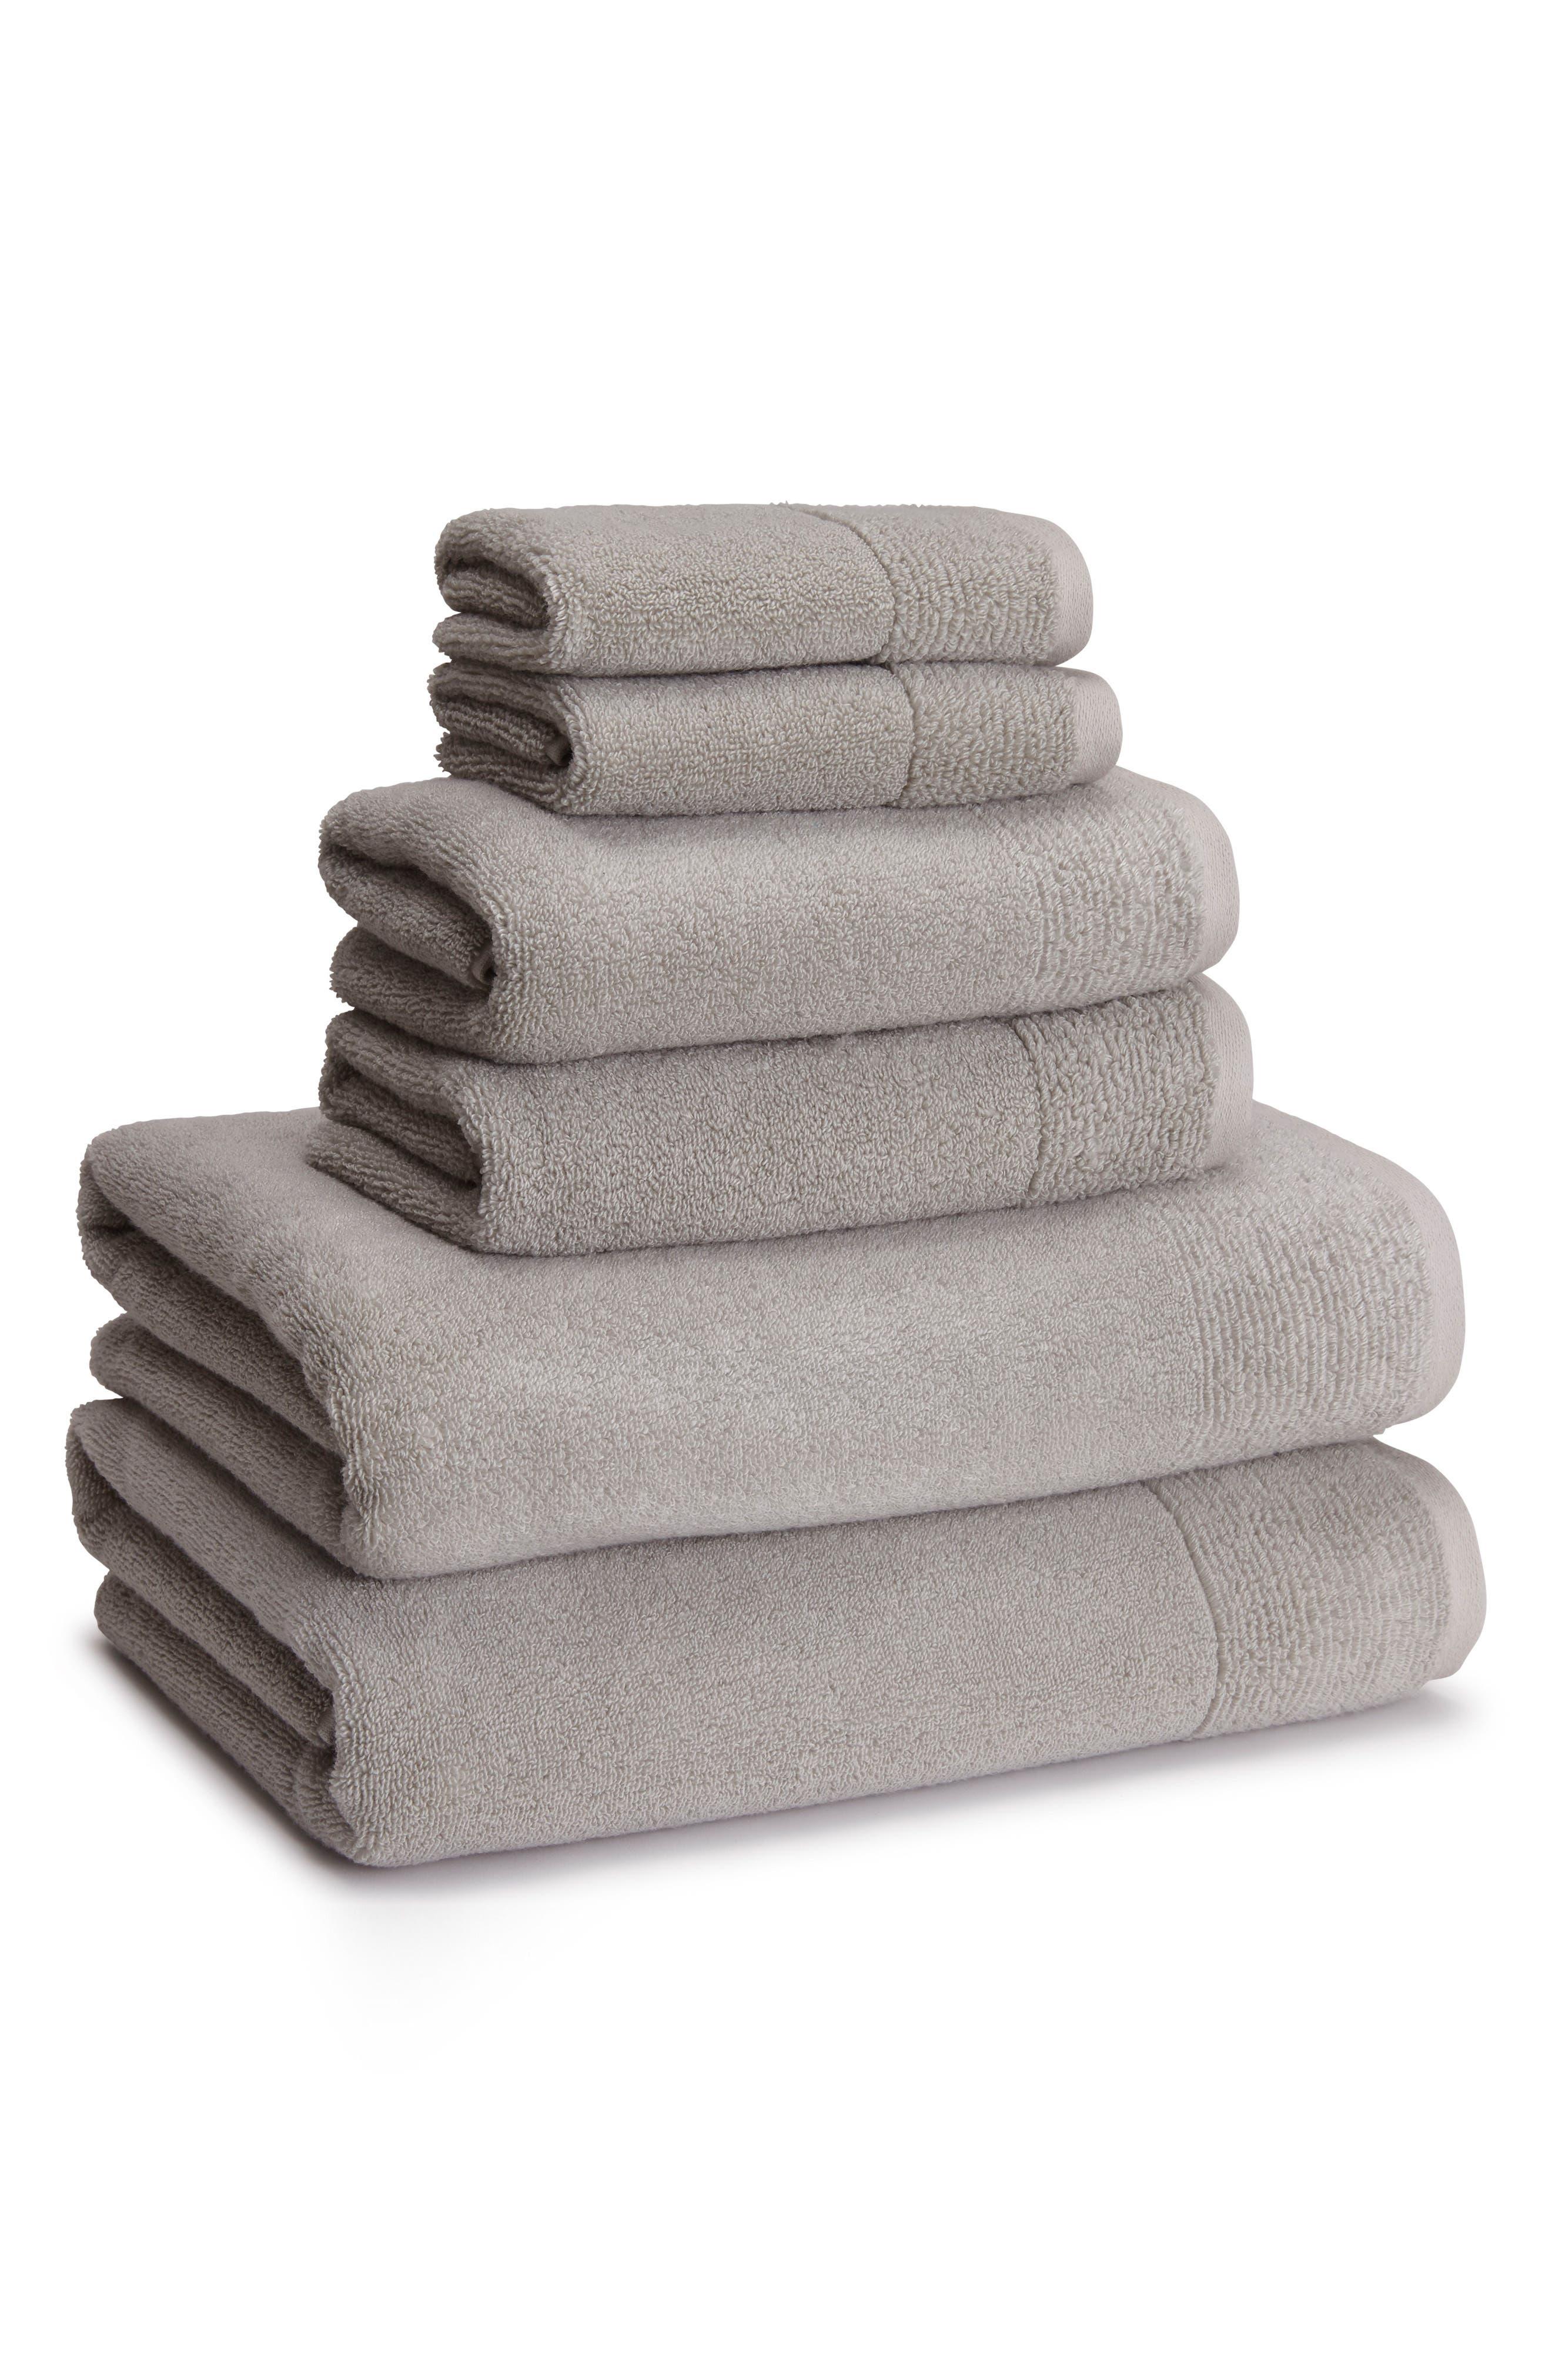 Kyoto Bath Towel,                         Main,                         color, DOLPHIN GREY